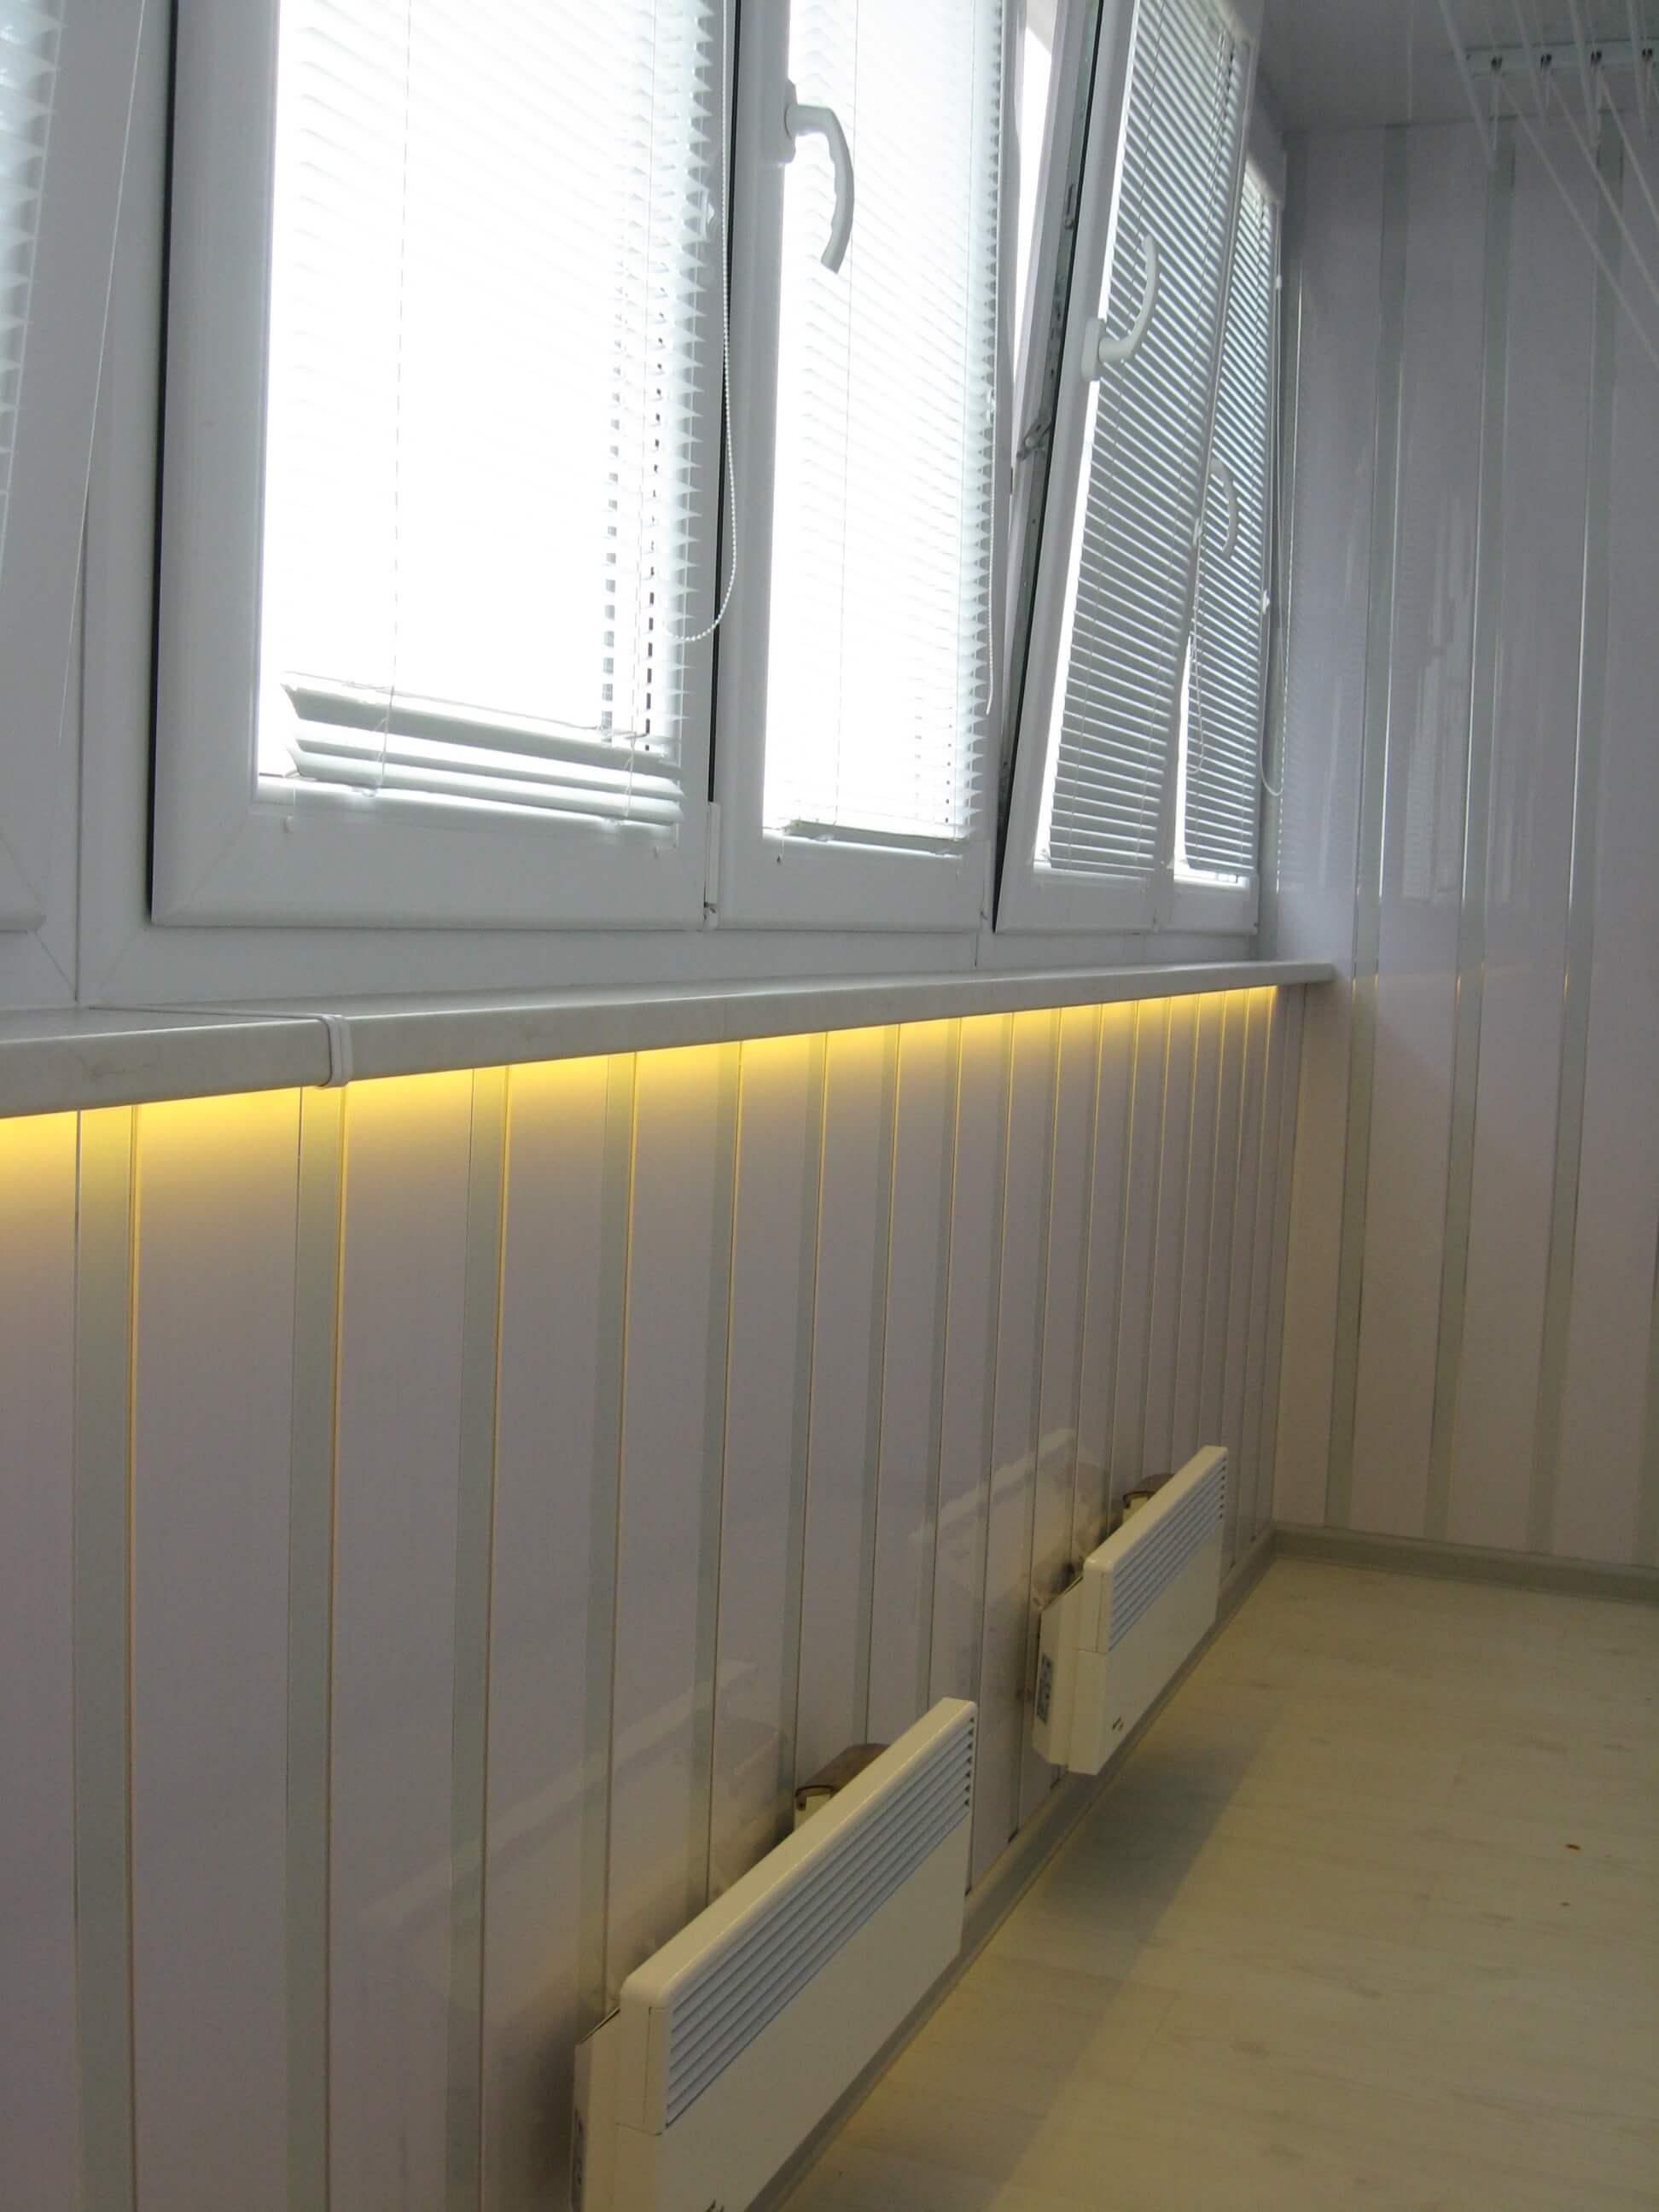 Как провести свет на балкон и правильно выбрать светильник.